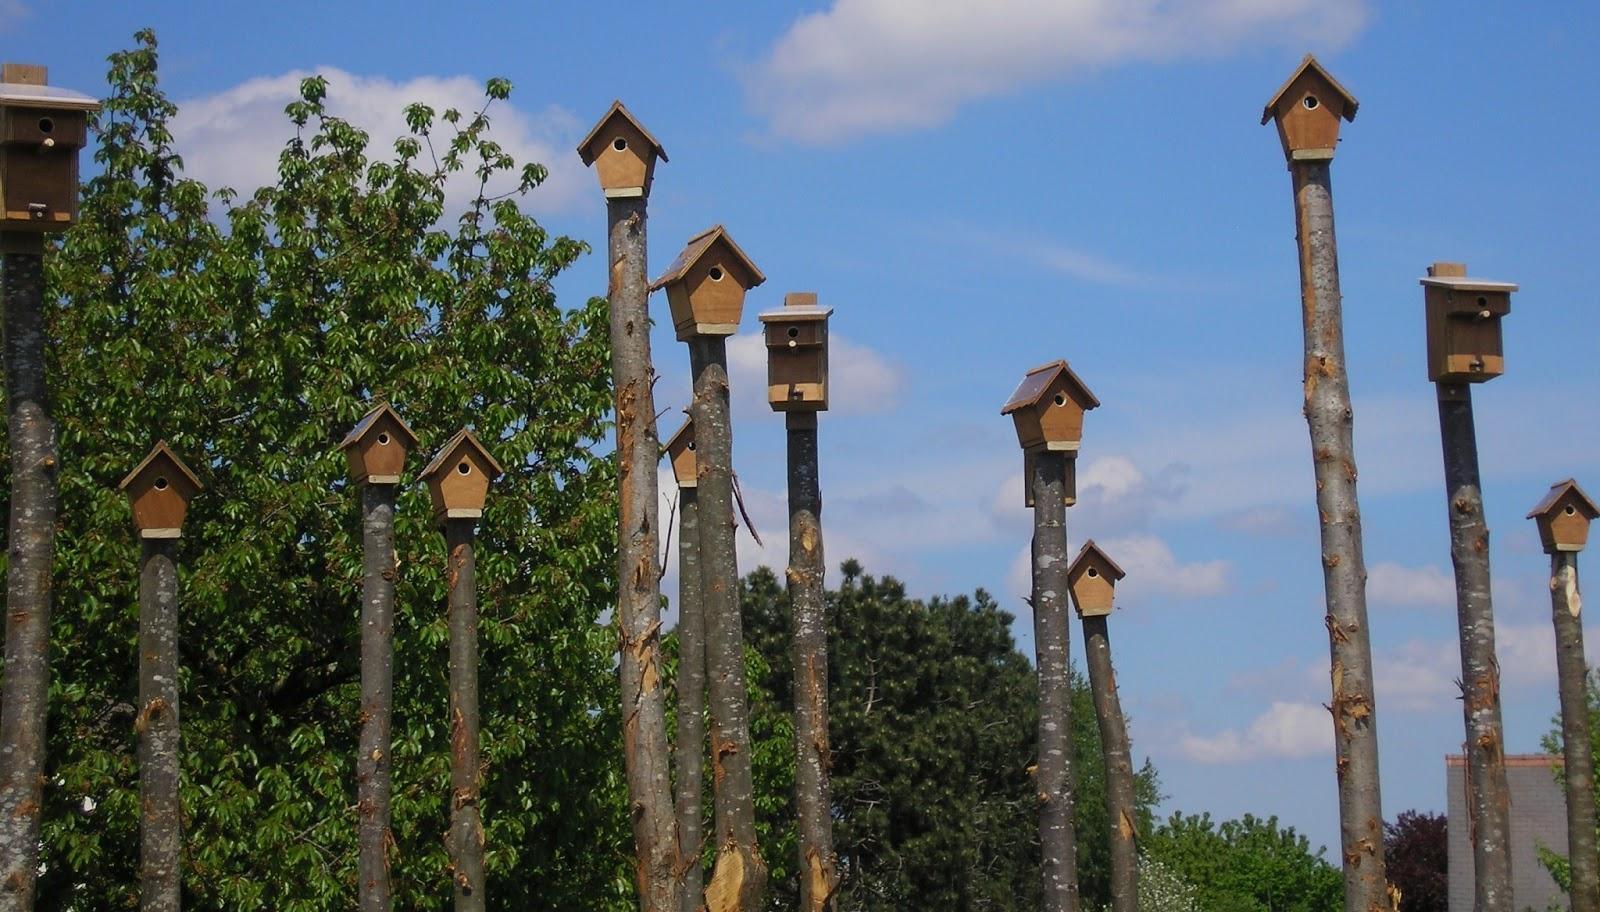 Notre dame d 39 o le totem des oiseaux - Salon de jardin totem ...